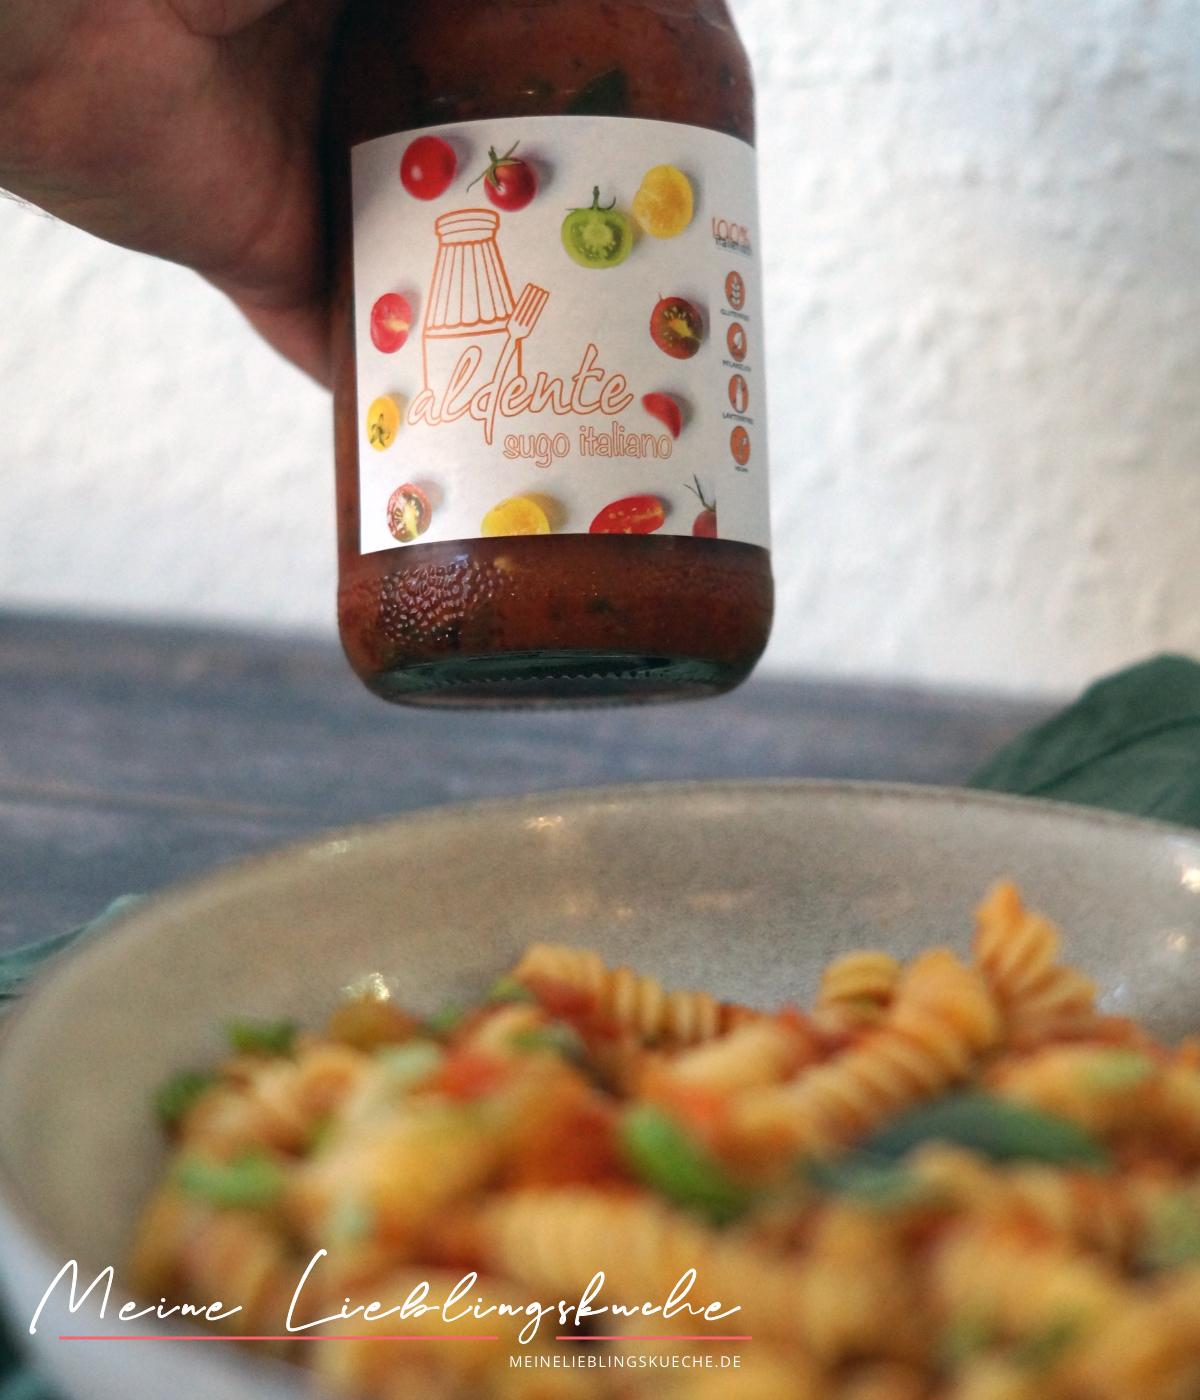 Pasta Saucen von aldente Sugo italiano